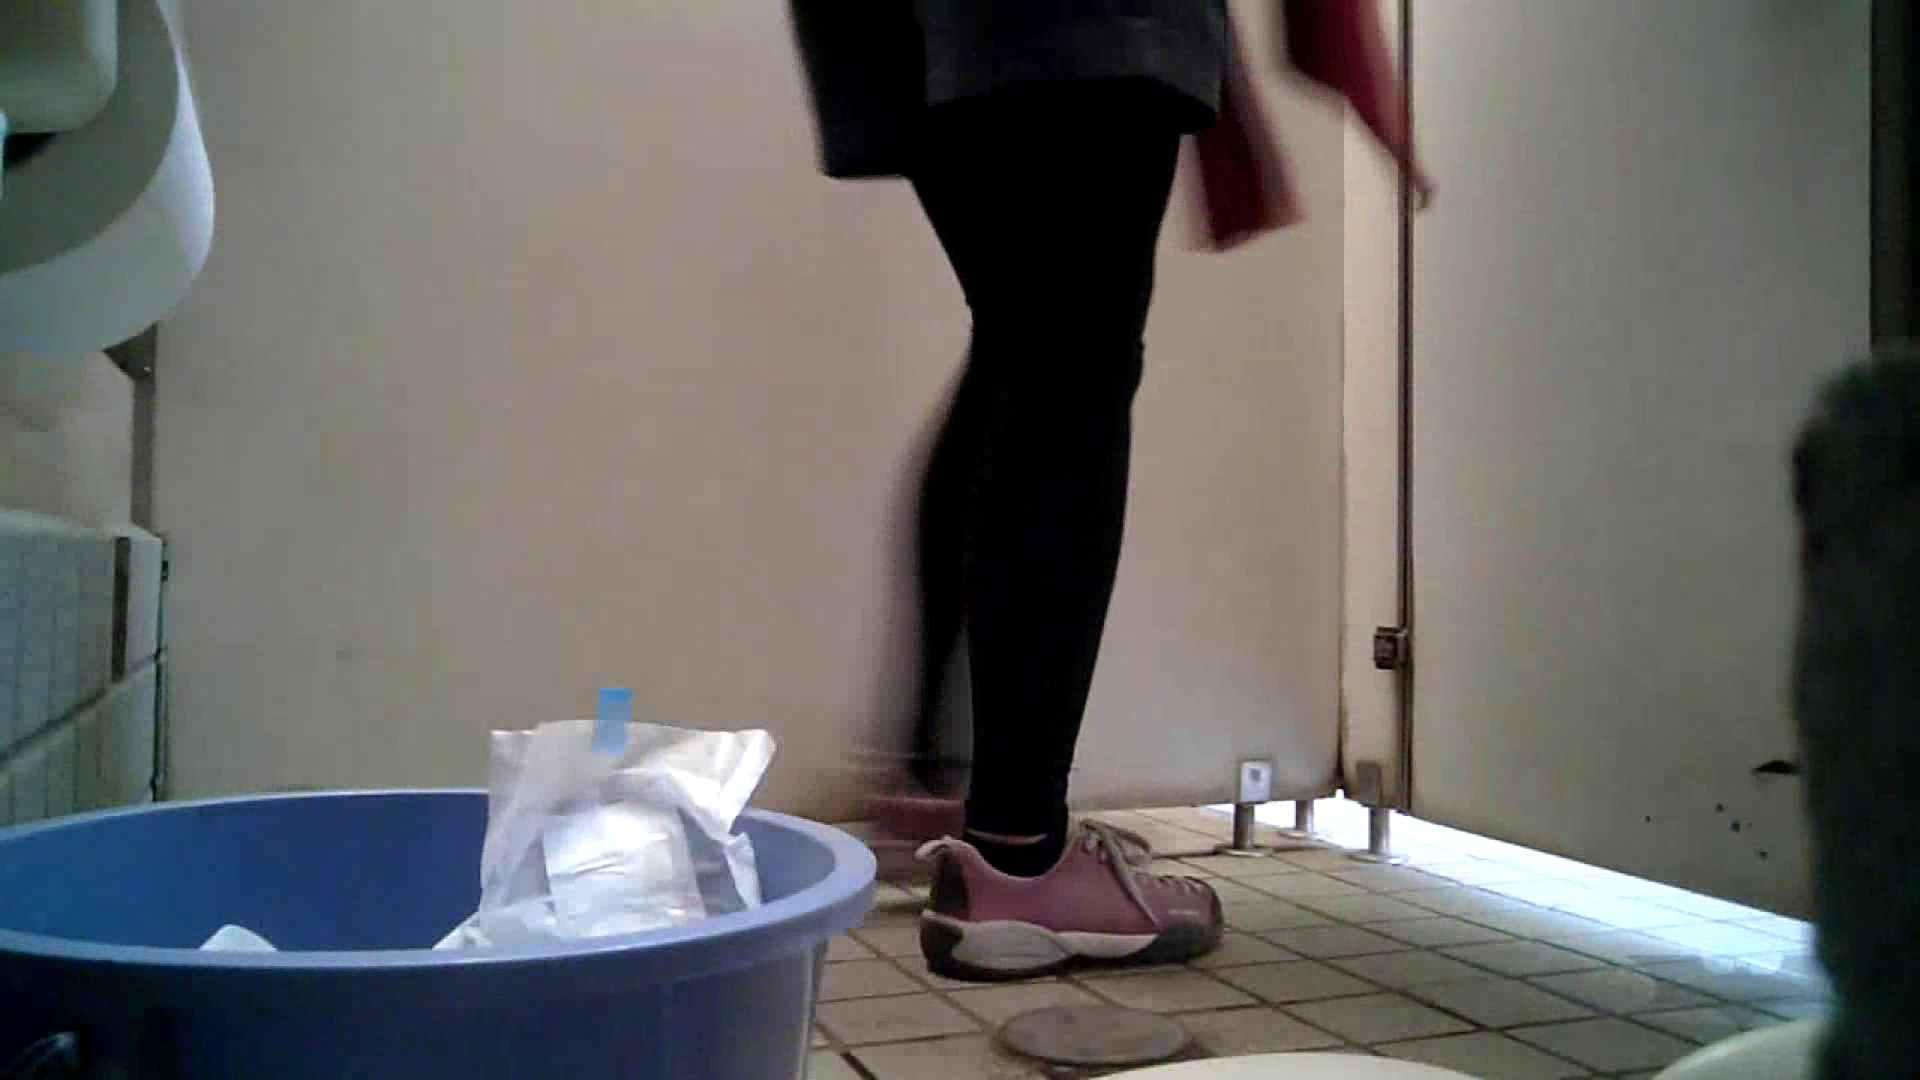 痴態洗面所 Vol.08 たっぷり汚トイレ 洗面所着替え | OL  84連発